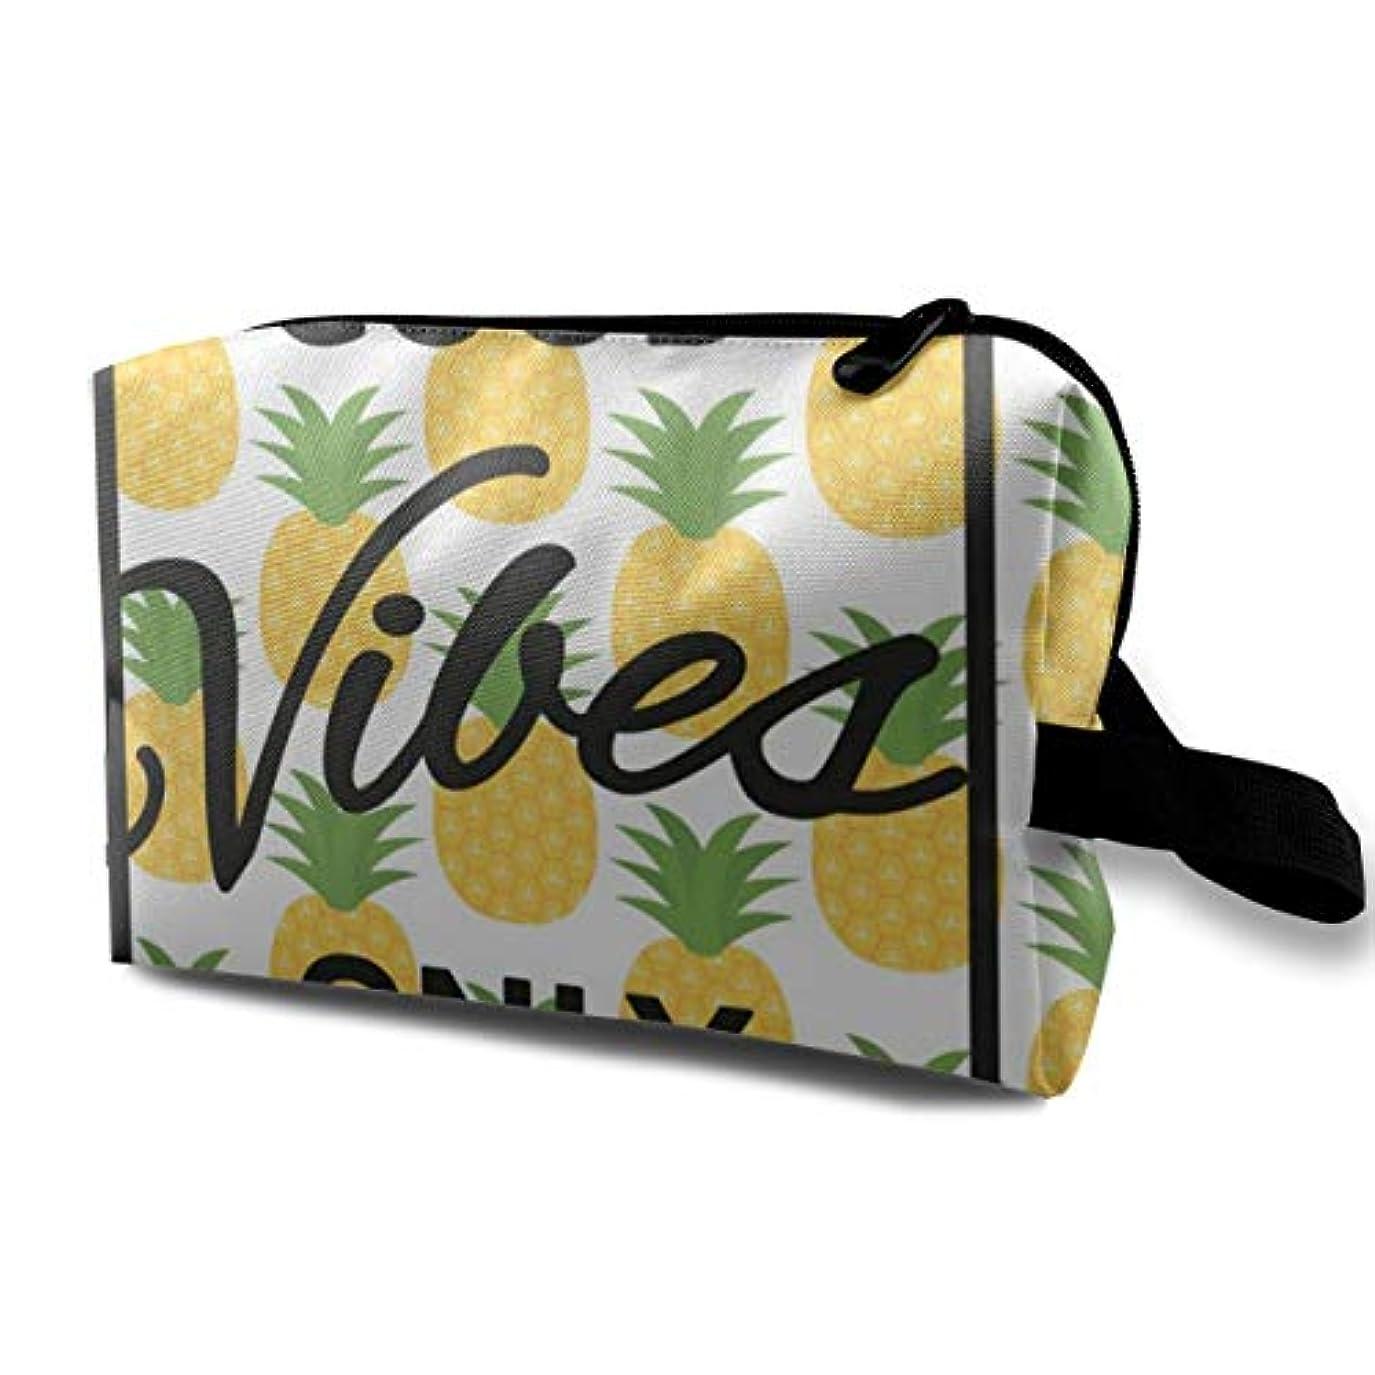 入手します鈍い結論Pineapple Motivational Sign 収納ポーチ 化粧ポーチ 大容量 軽量 耐久性 ハンドル付持ち運び便利。入れ 自宅?出張?旅行?アウトドア撮影などに対応。メンズ レディース トラベルグッズ